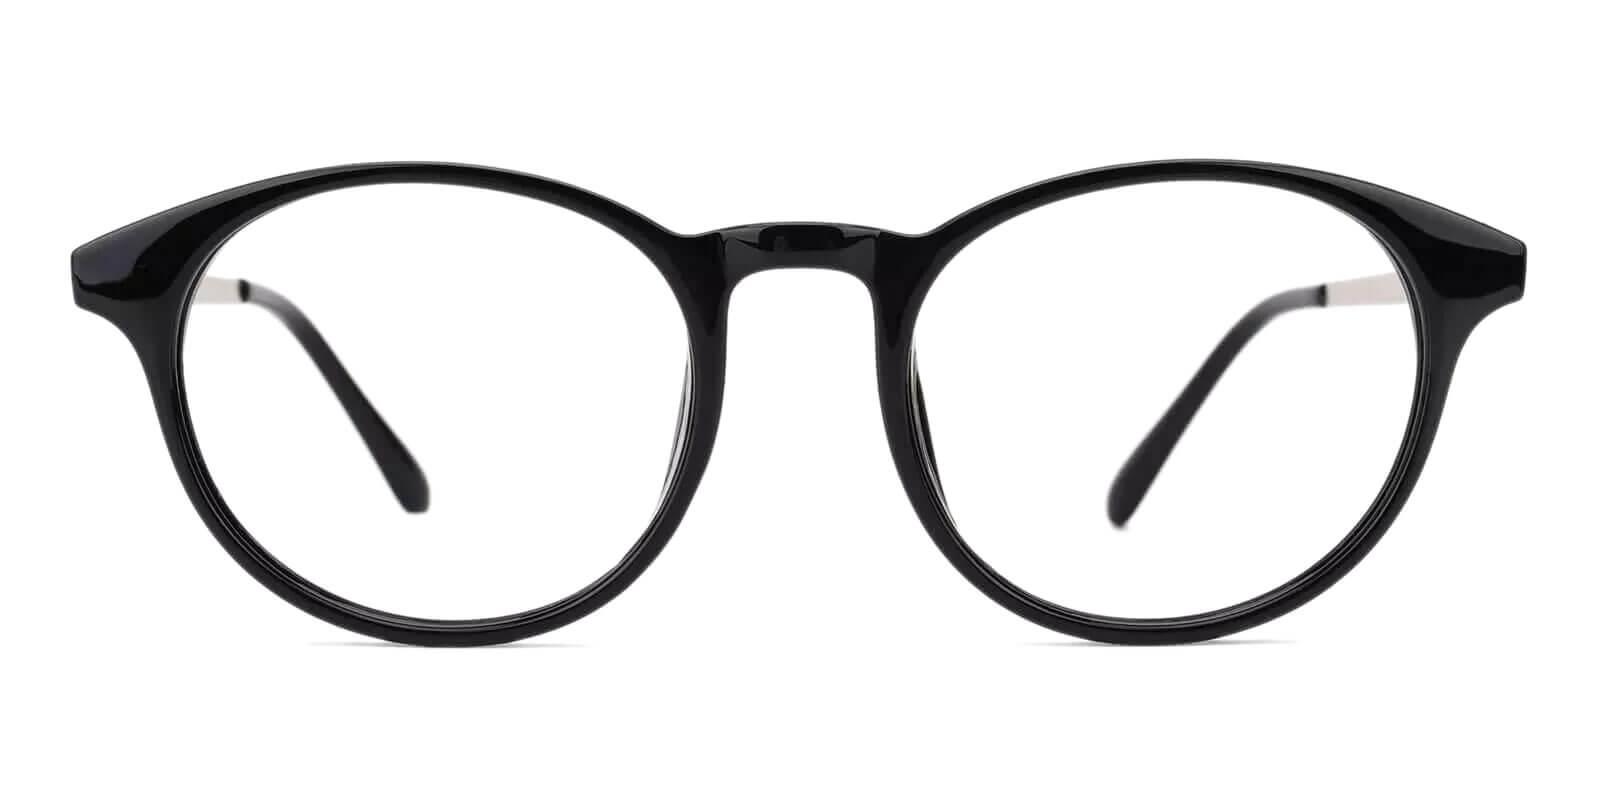 Wilcox Black TR Eyeglasses , UniversalBridgeFit Frames from ABBE Glasses